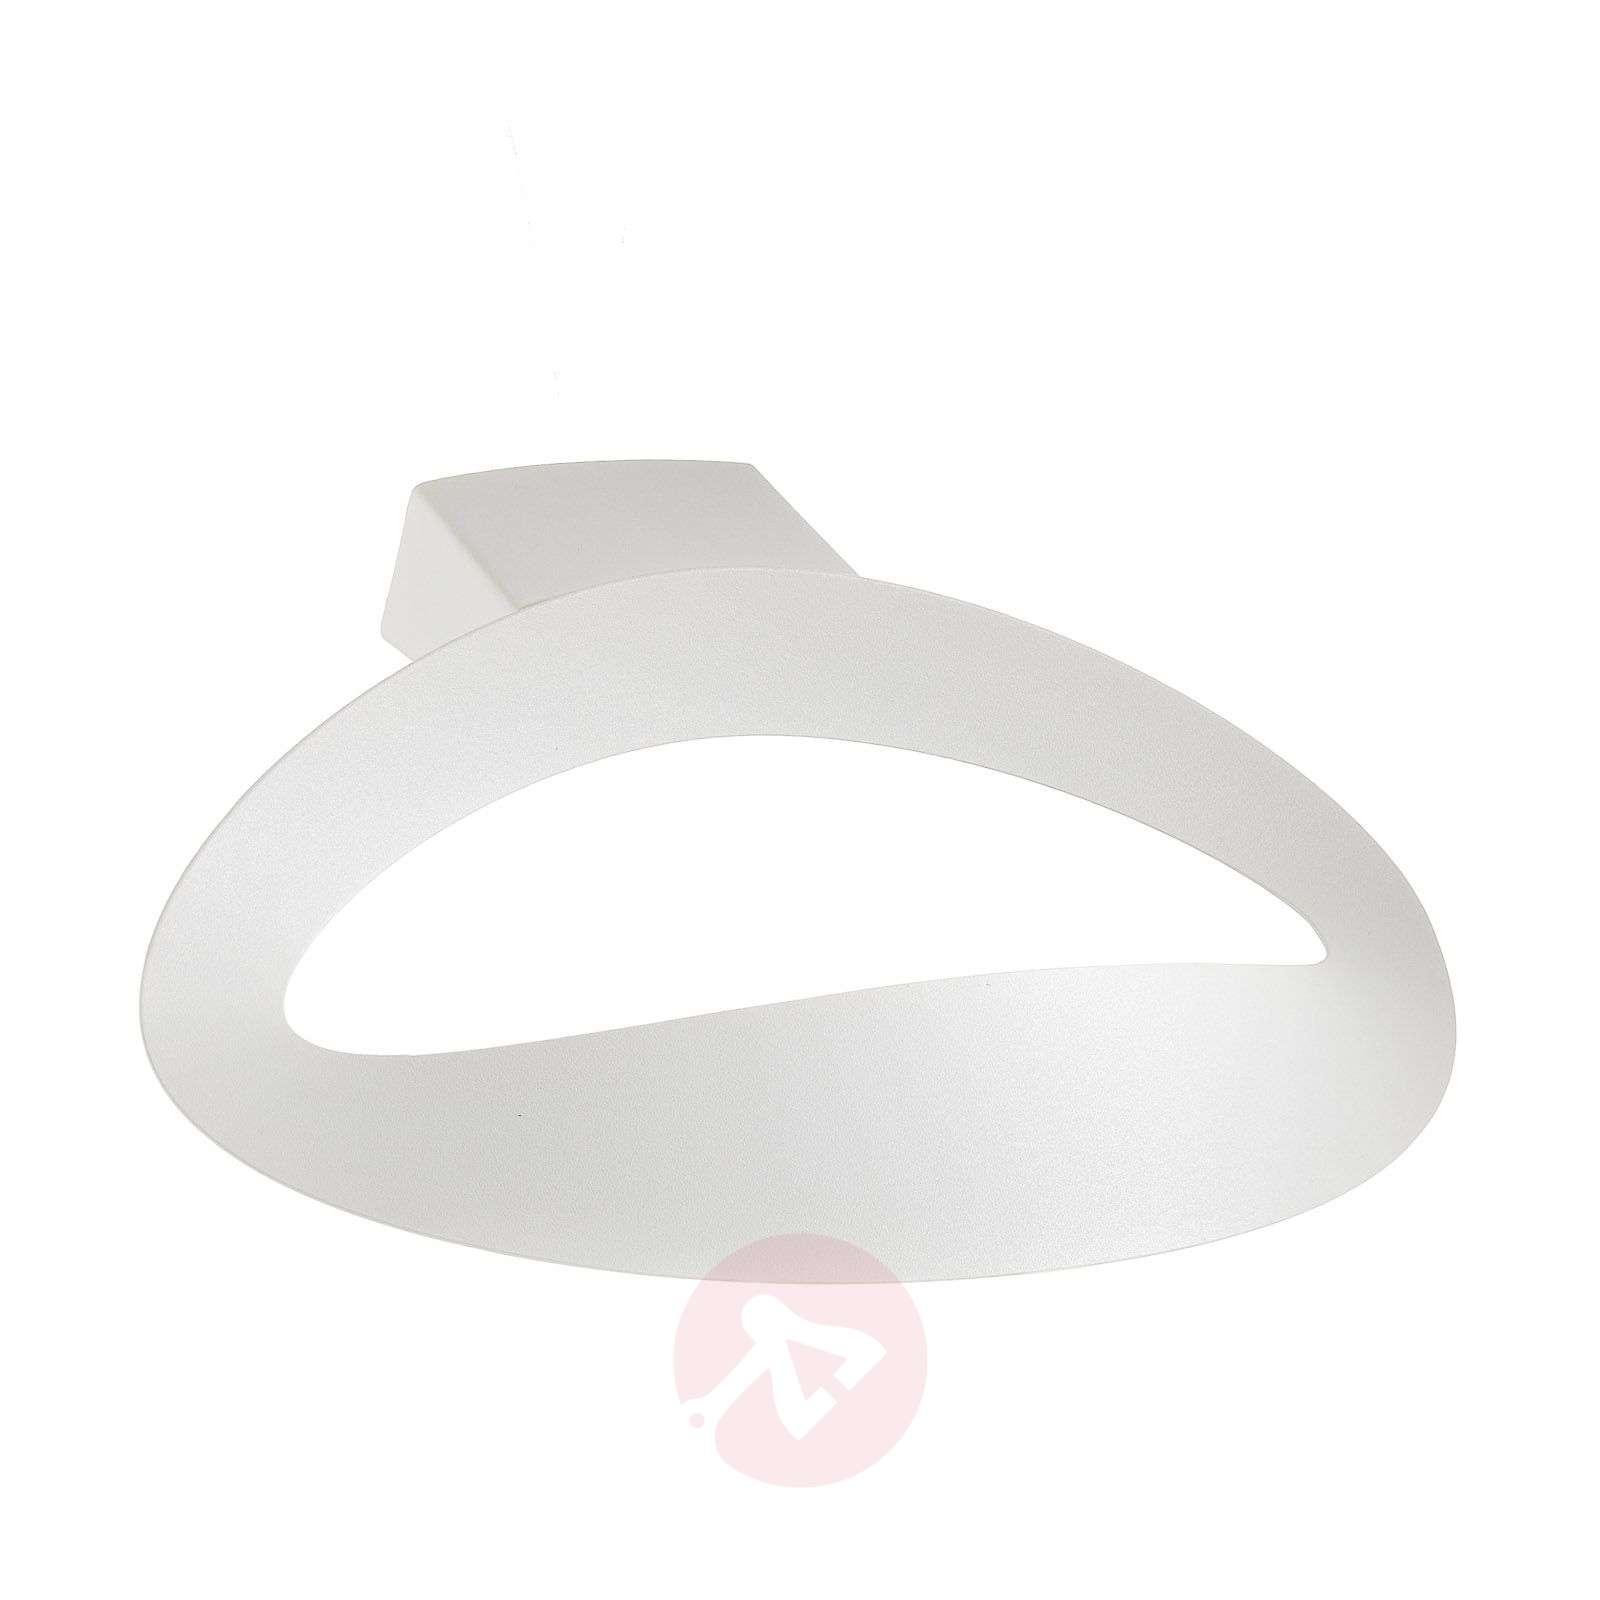 Design-seinävalaisin Mesmeri, valkoinen-1060008-01